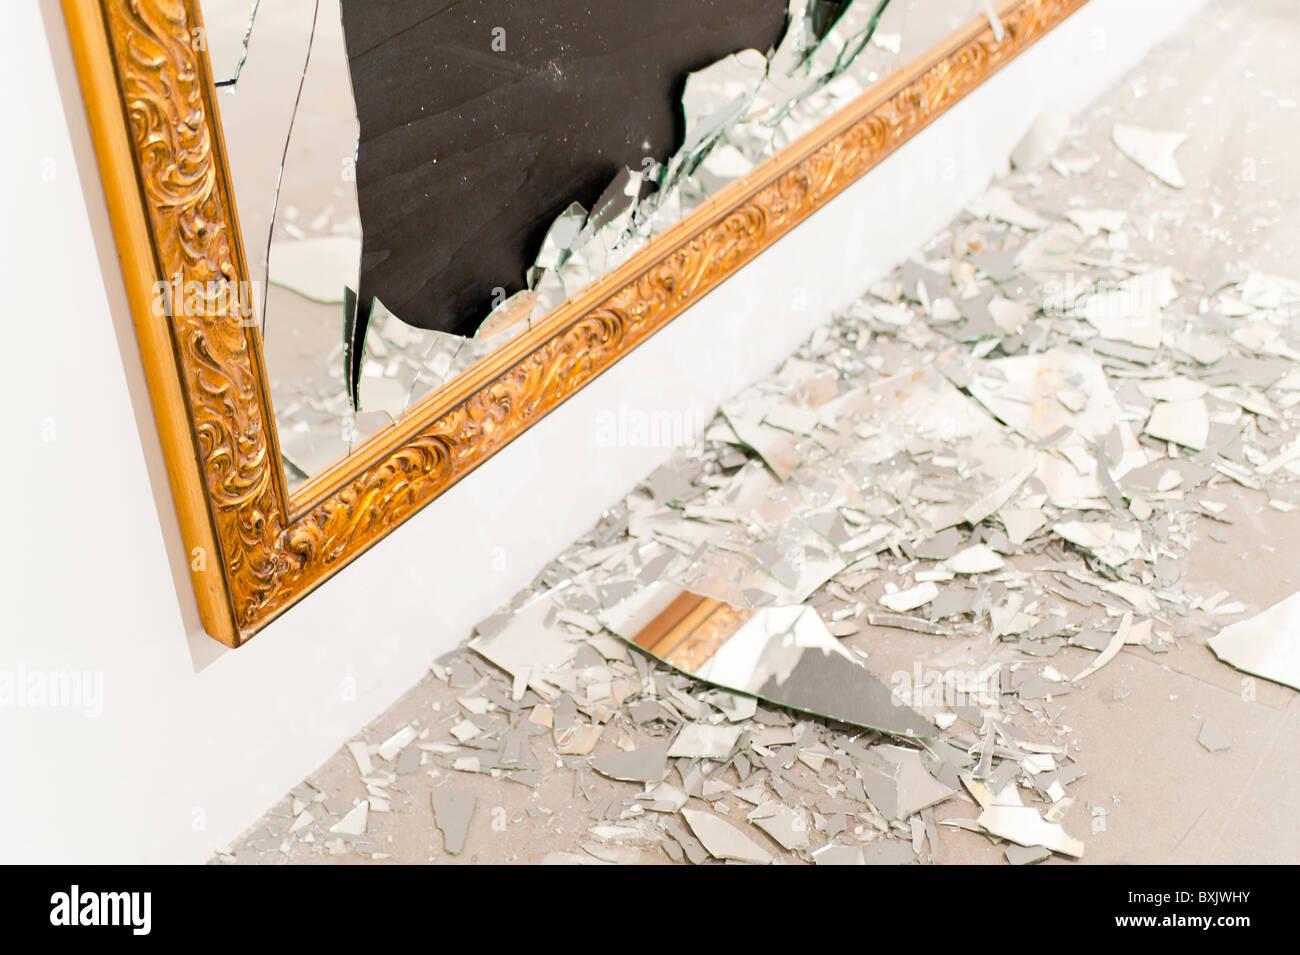 Broken mirror - Stock Image